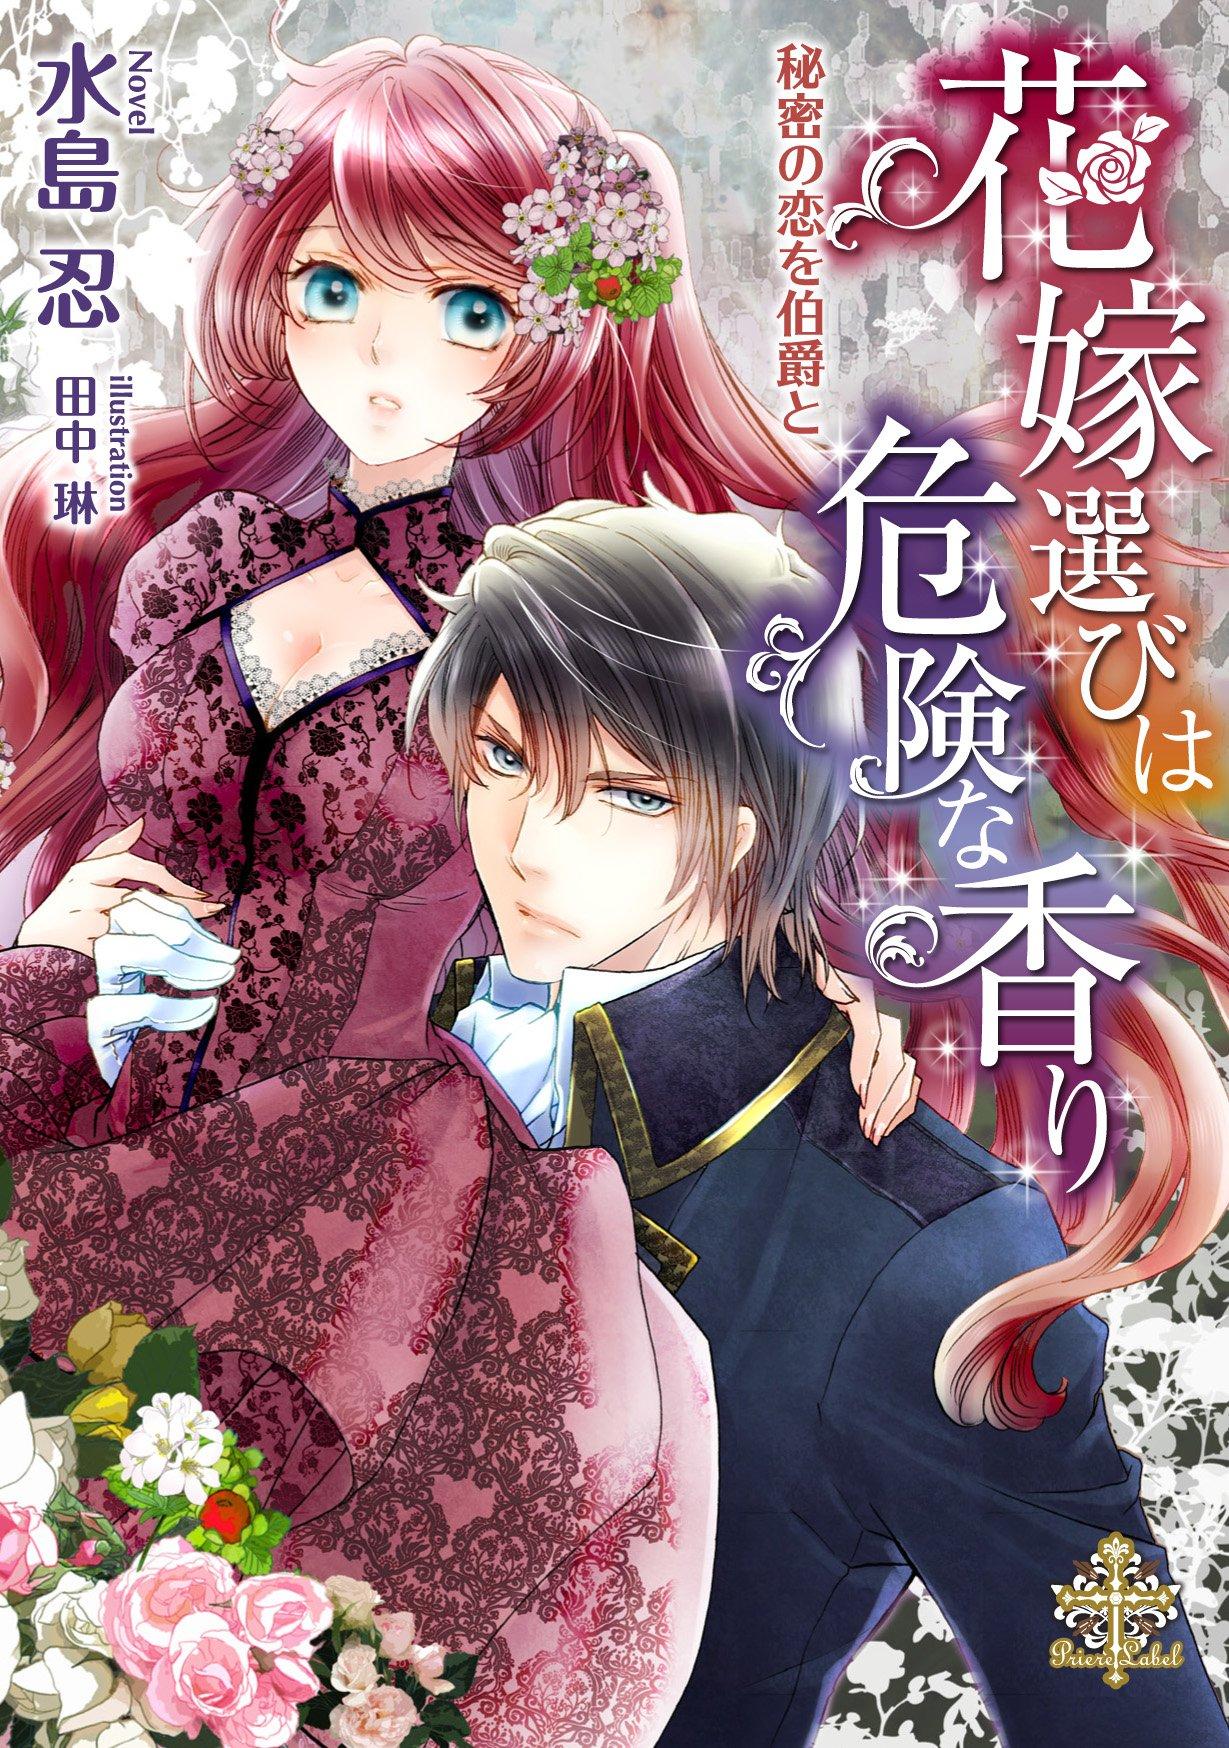 Read Online Hanayomerabi wa kiken na kaori : Himitsu no koi o hakushaku to. ebook